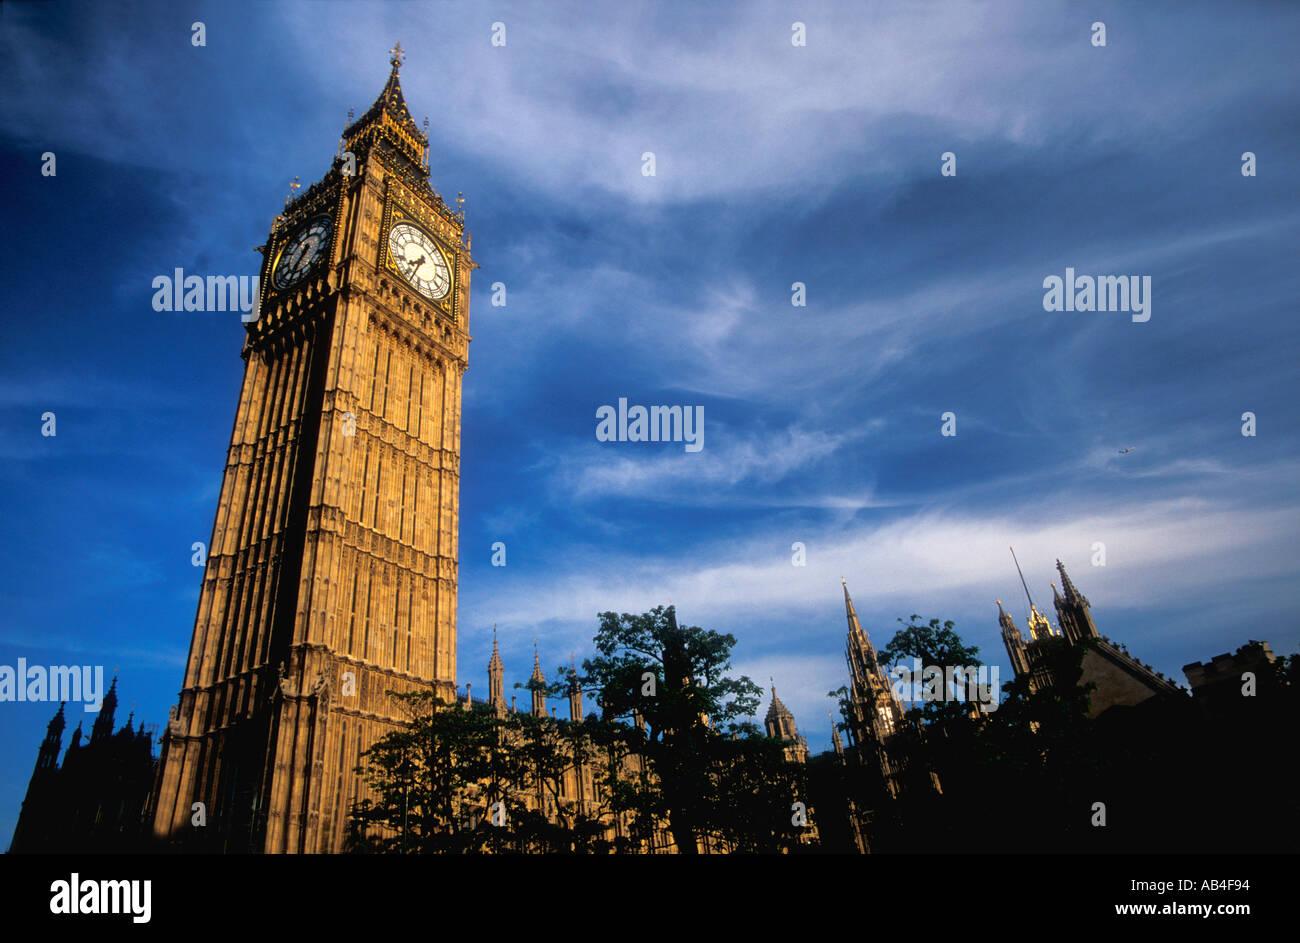 Big Ben case di clock del Parlamento Westminster Londra in serata sole estivo Inghilterra Gran Bretagna Regno Unito Regno Unito GB Foto Stock